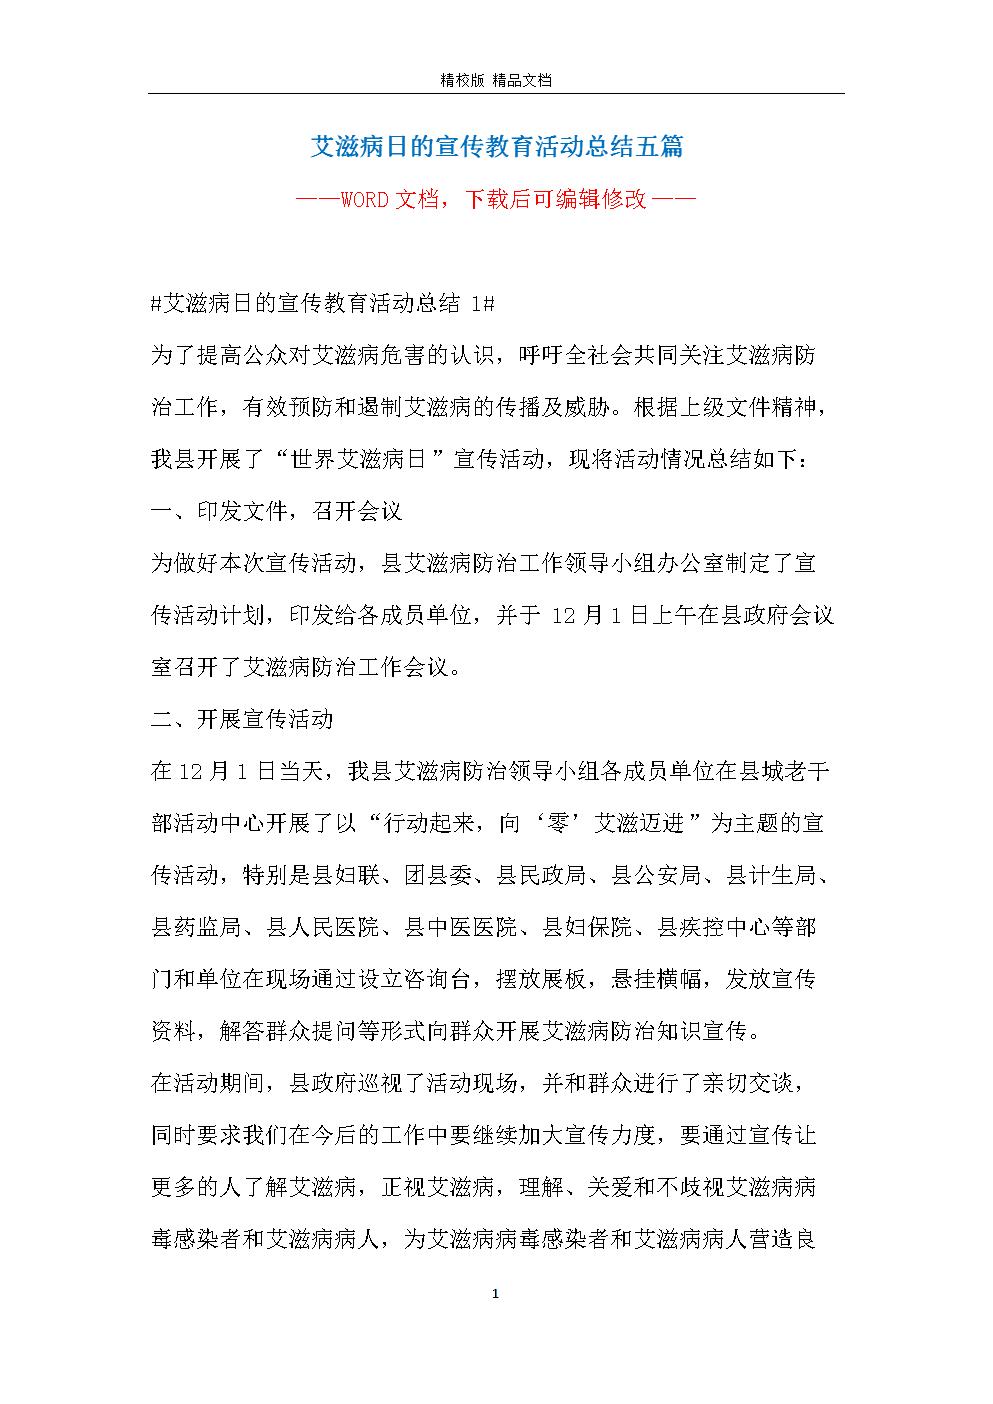 艾滋病日的宣传教育活动总结五篇.docx